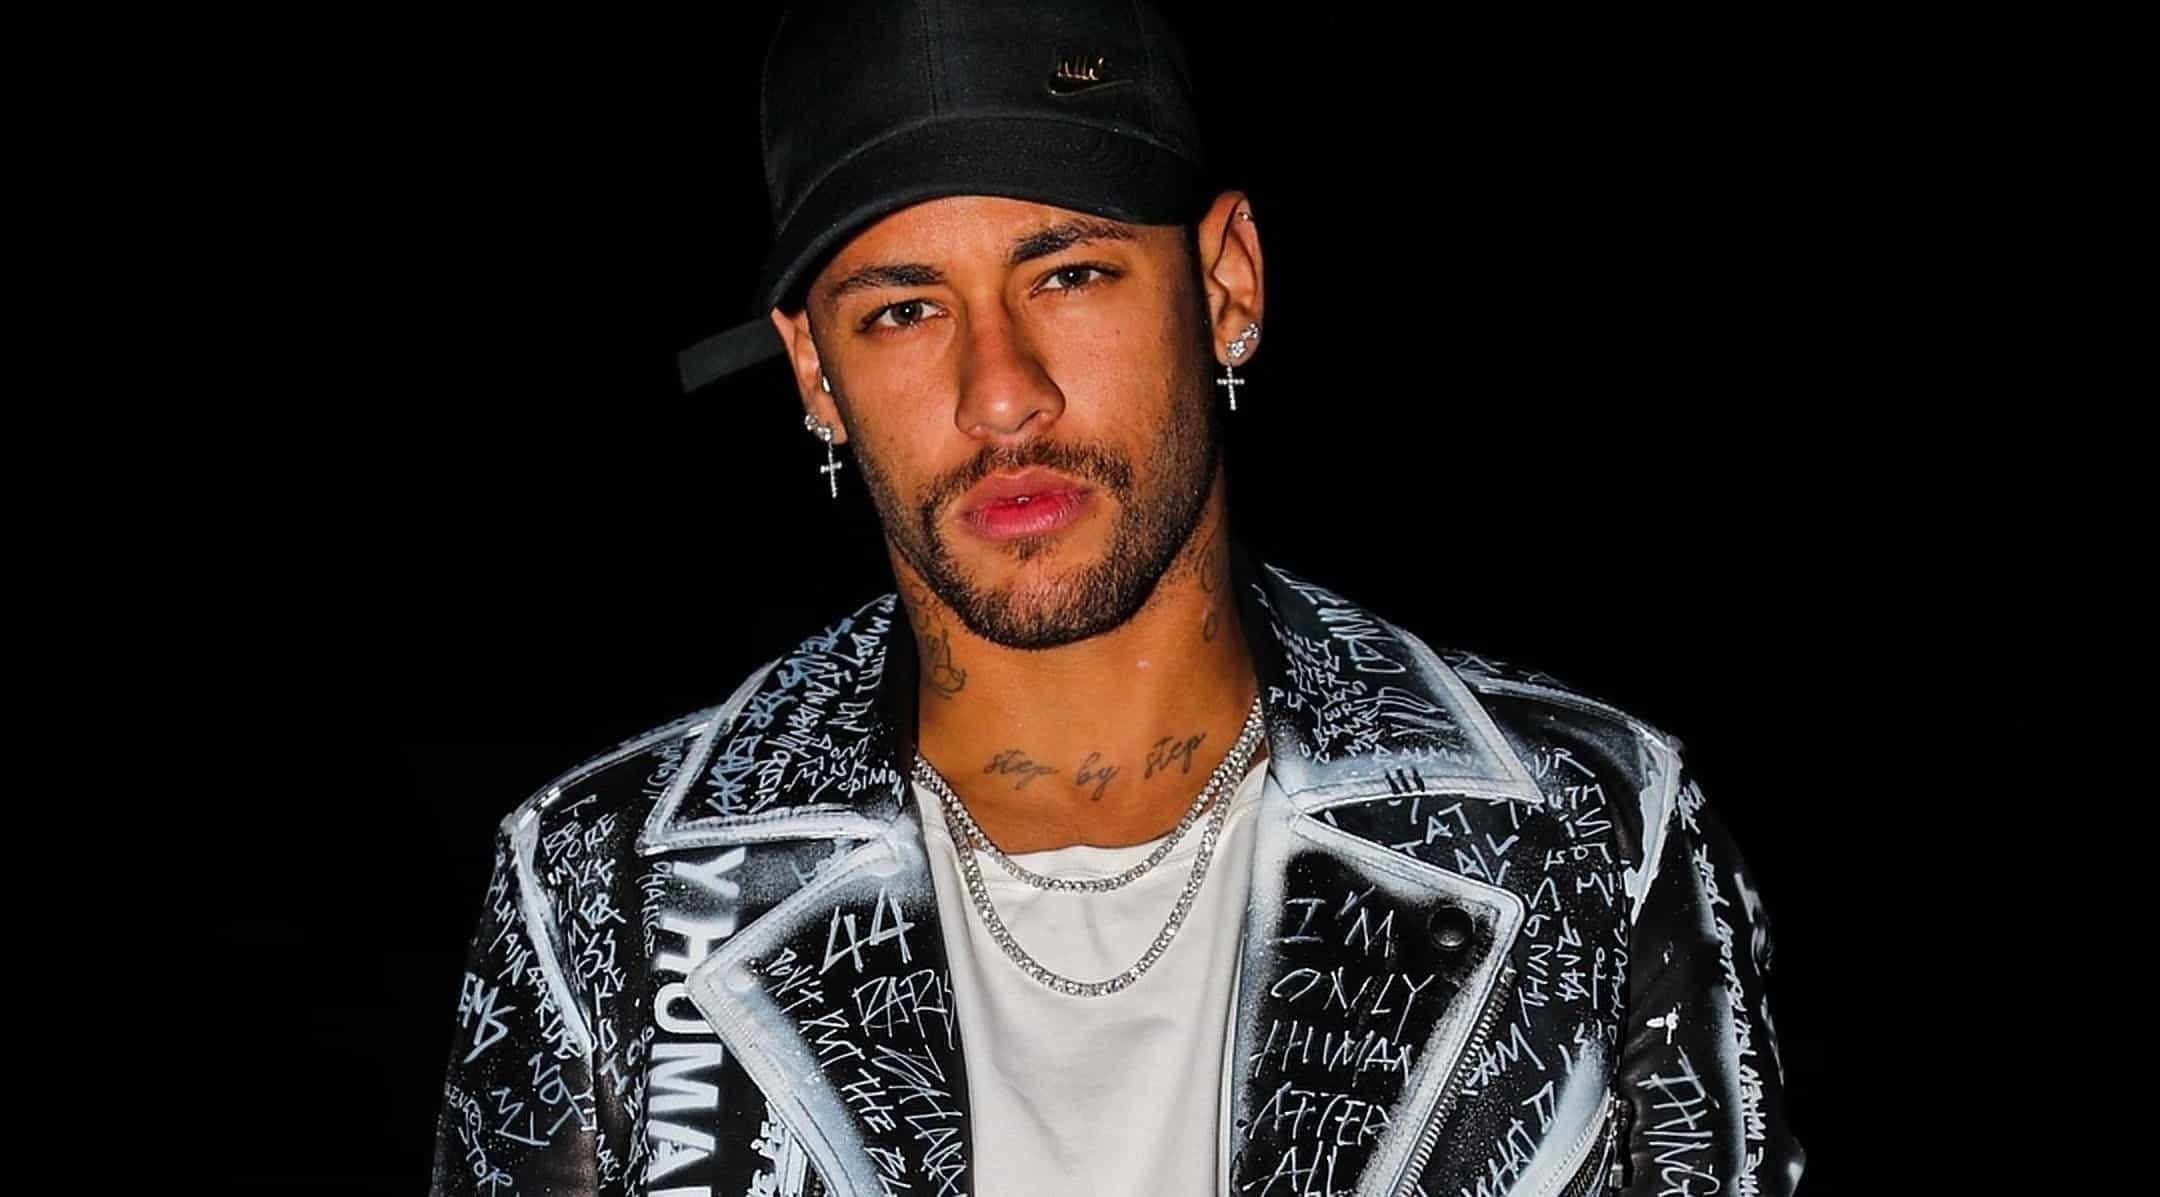 Revista britânica diz que Neymar é motivado por 'fama' e 'dinheiro'